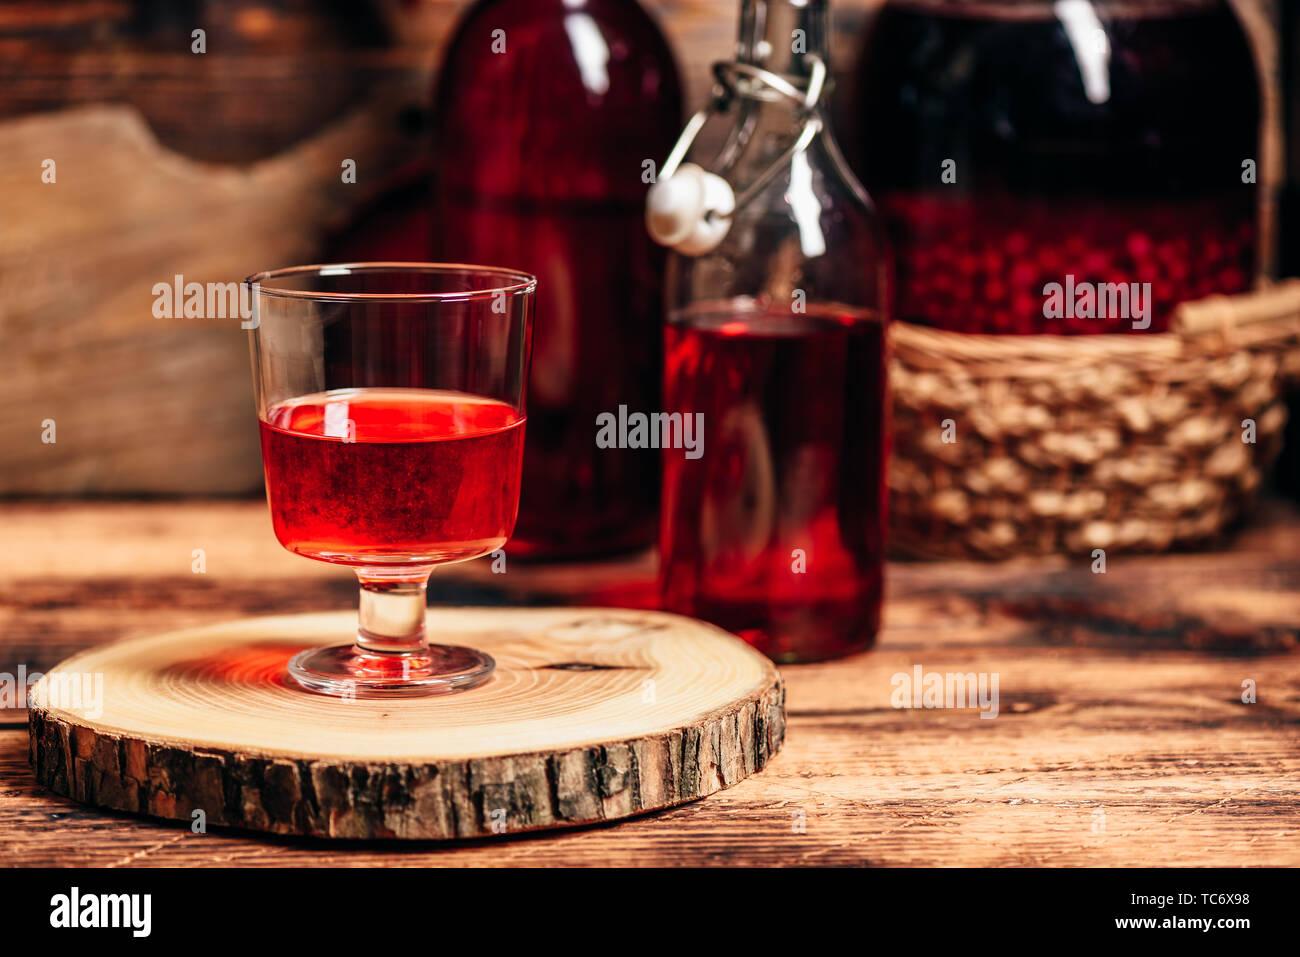 Groseillier rouge maison de l'alcool dans le verre de vin Banque D'Images